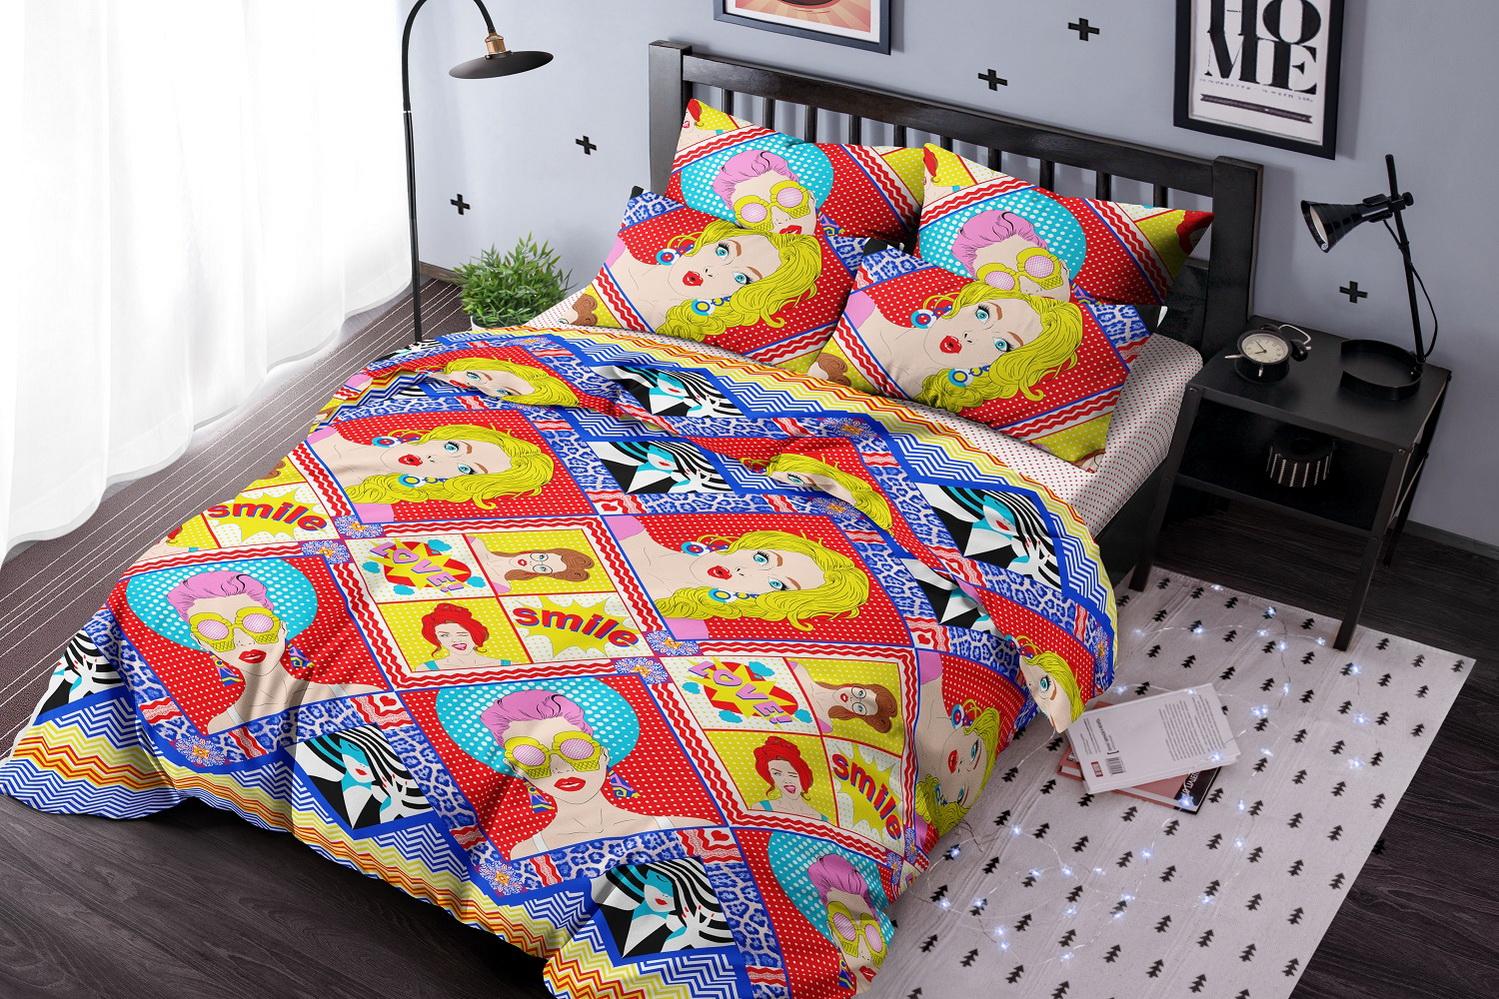 Фото - Постельное белье iv72756 (поплин) (1,5 спальный) постельное белье iv76089 поплин 1 5 спальный